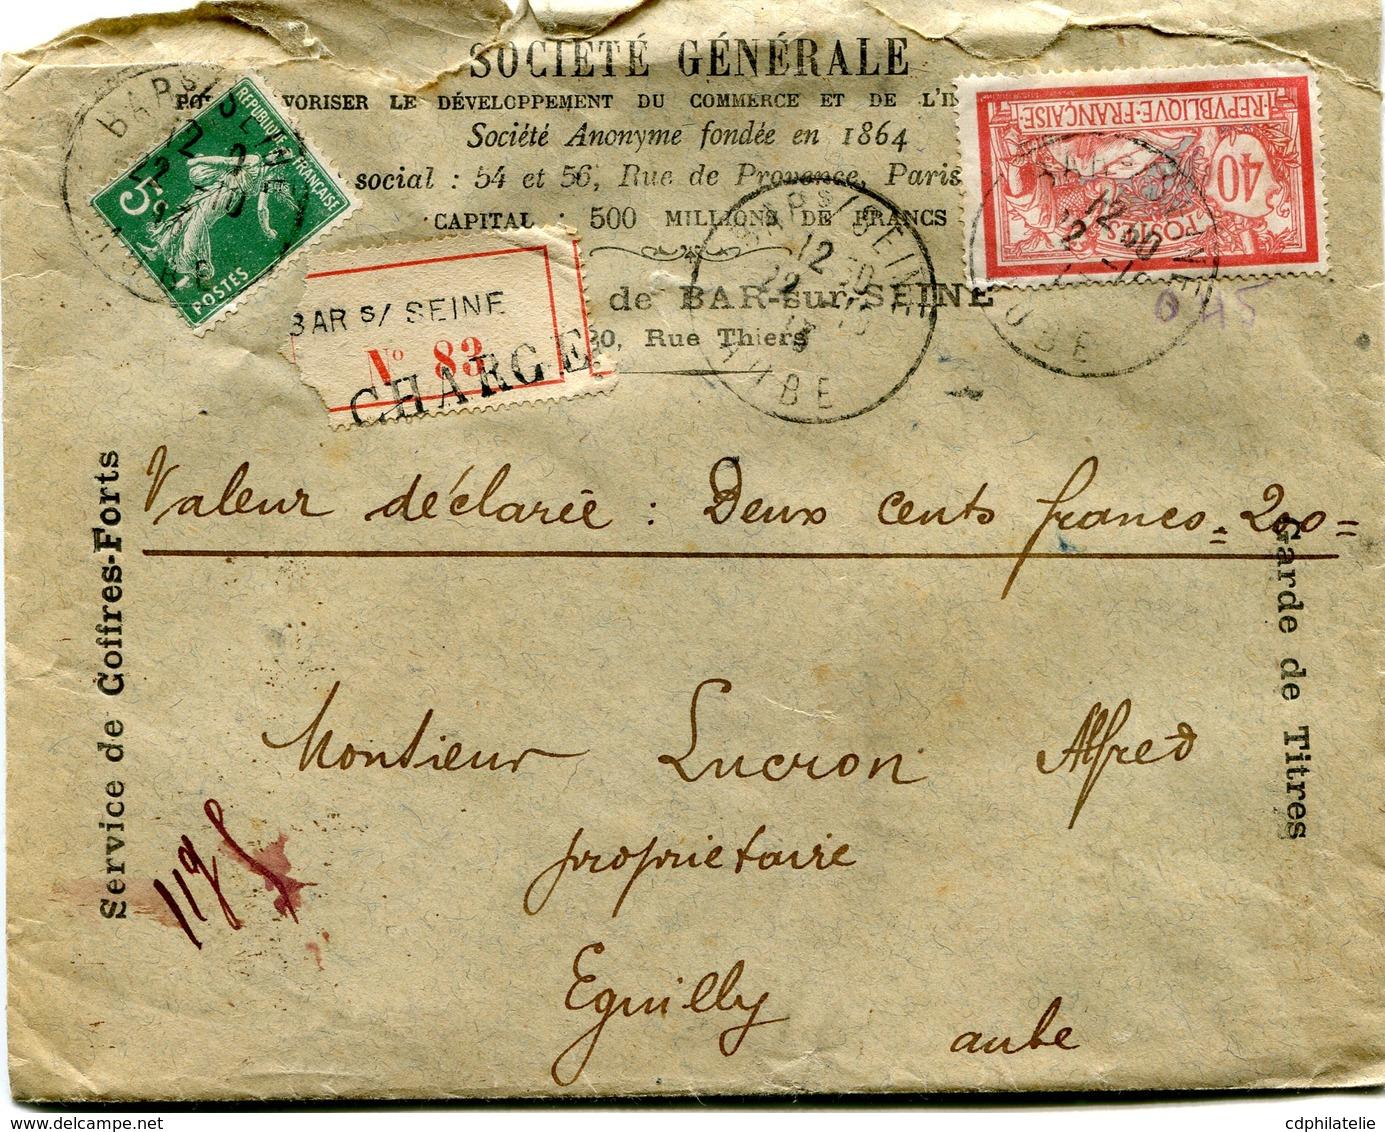 FRANCE LETTRE RECOMMANDEE CHARGEE A ENTETE DE LA SOCIETE GENERALE DEPART BAR S/ SEINE 22-10-13 AUBE POUR LA FRANCE - 1900-27 Merson